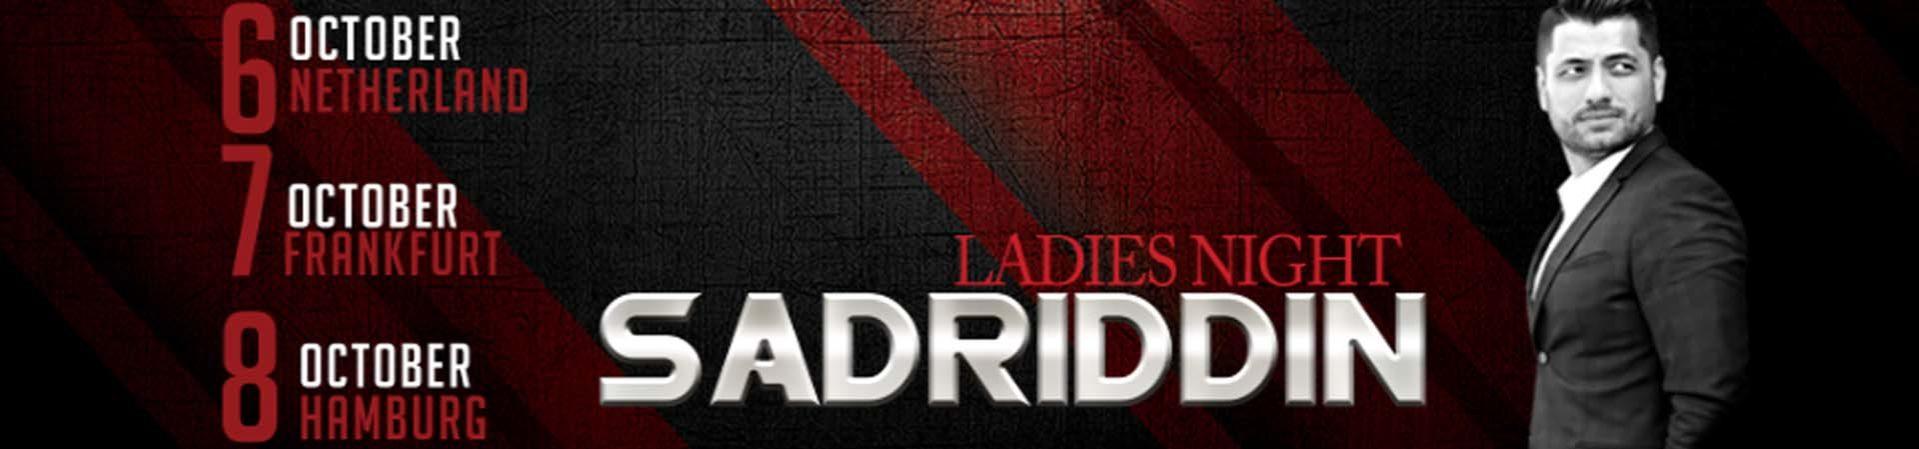 Sadriddin 1920x450